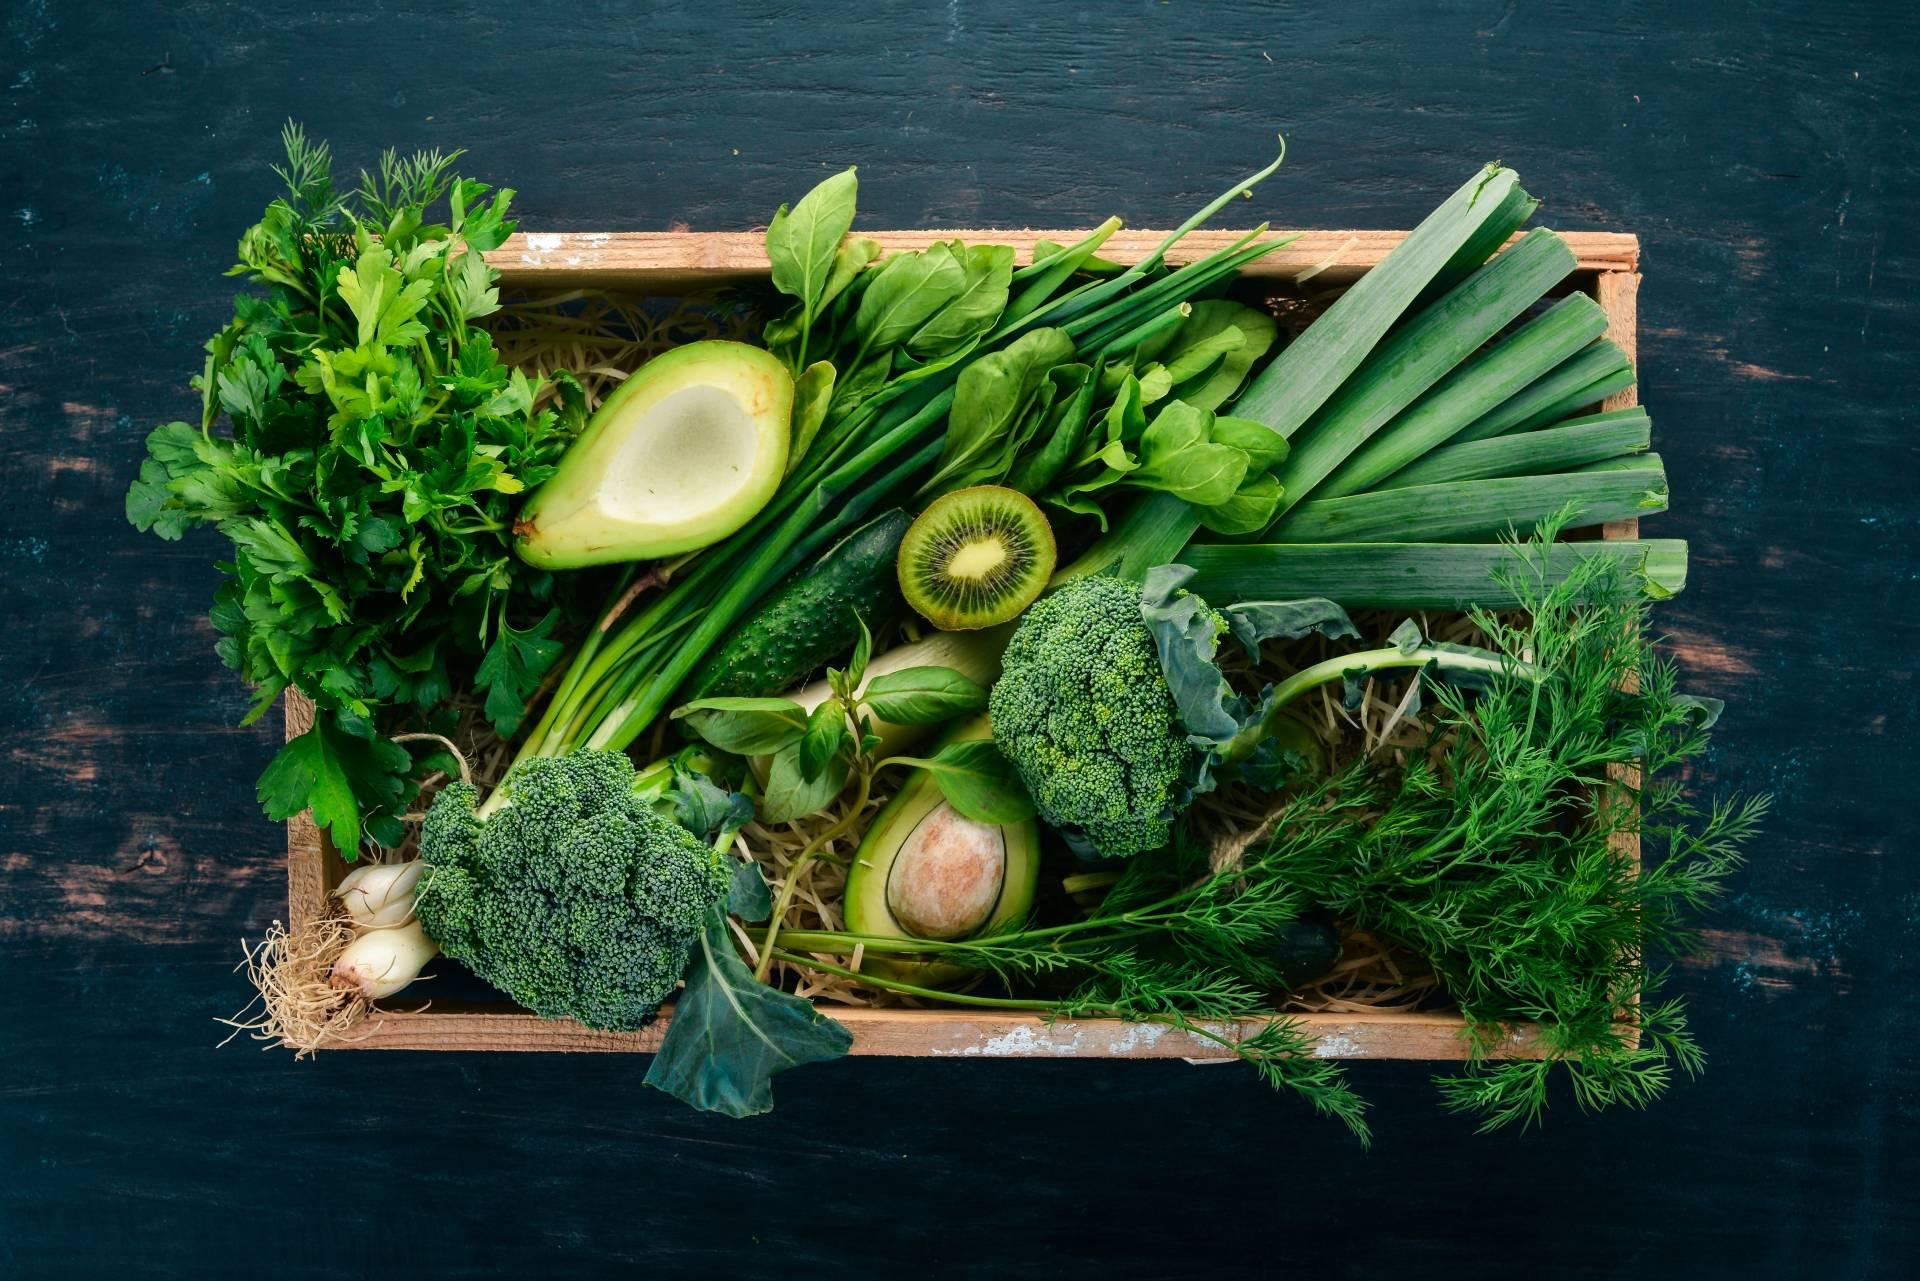 Dieta przy anemii - produkty bogate w żelazo, kwas foliowy i witaminę B12. Zielone warzywa i owoce w skrzynce.